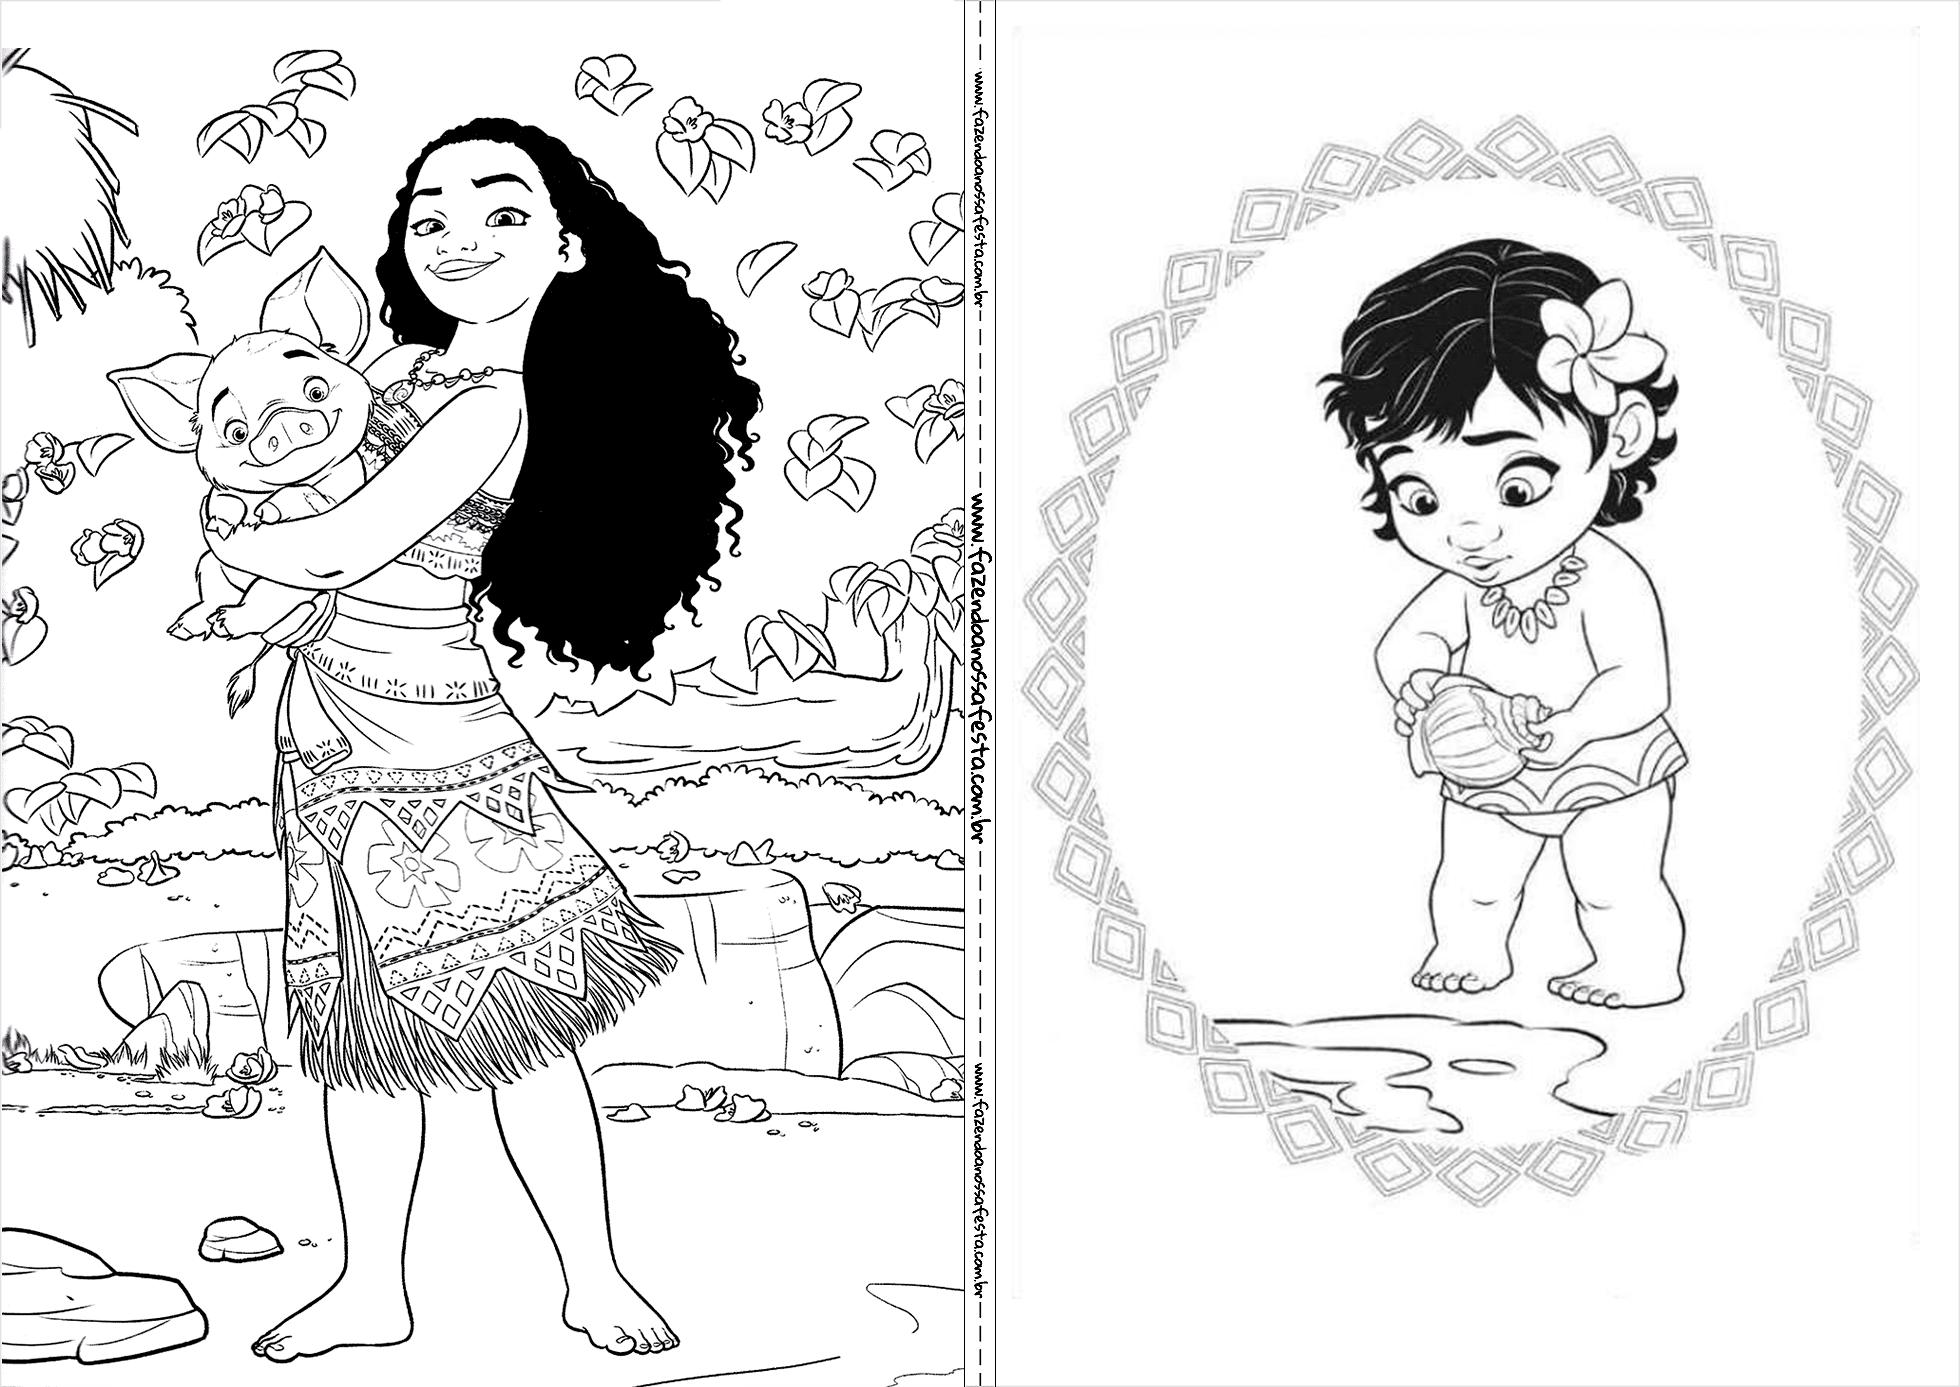 Dibujo Para Colorear De Maui Personaje Película Moana: Livrinho Para Colorir Moana